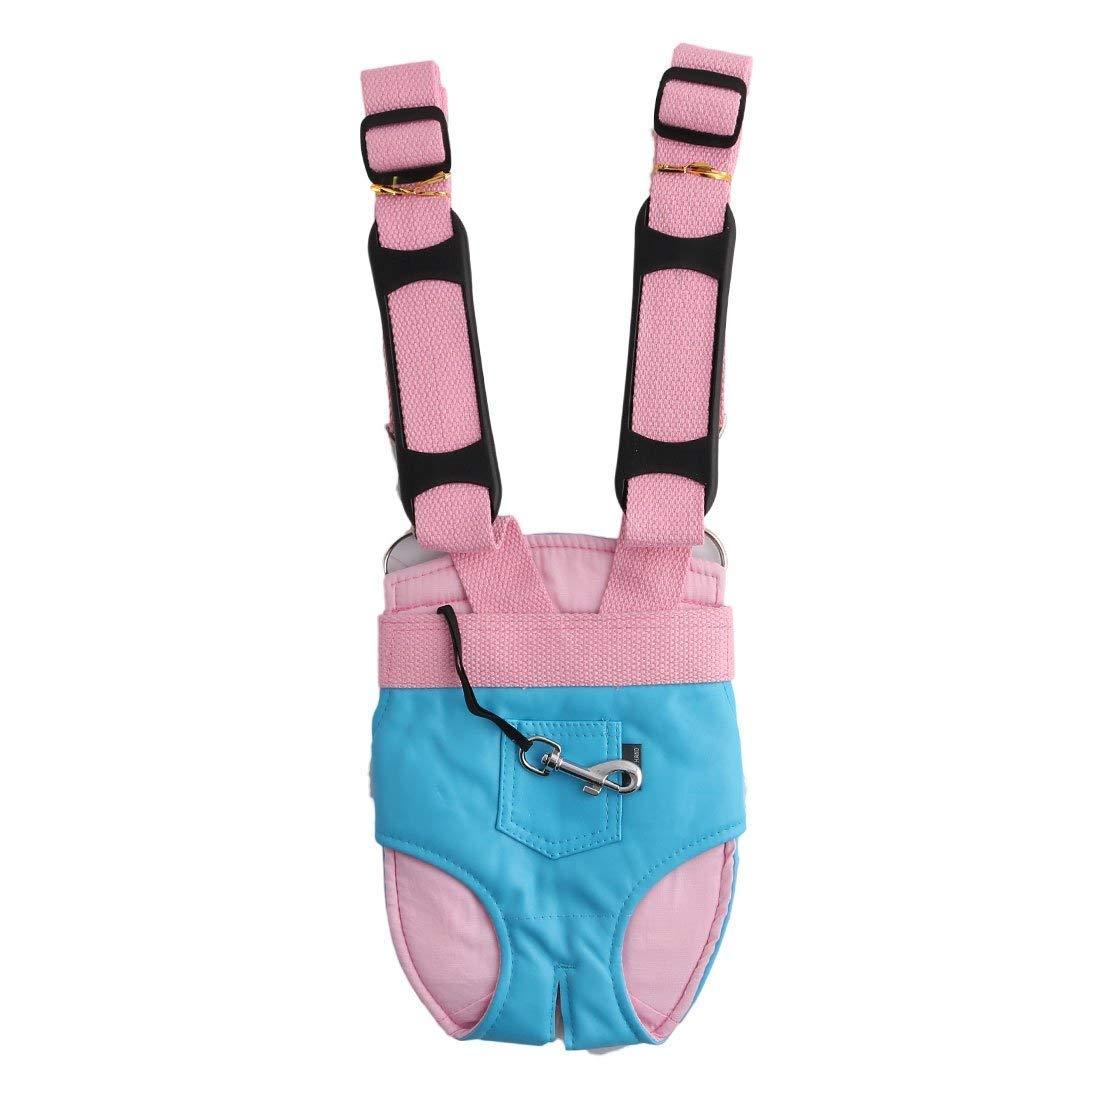 1Pc S, Black   Pet Dog Cat Front Backpack Travel Single Shoulder Carrier Bag with Pocket